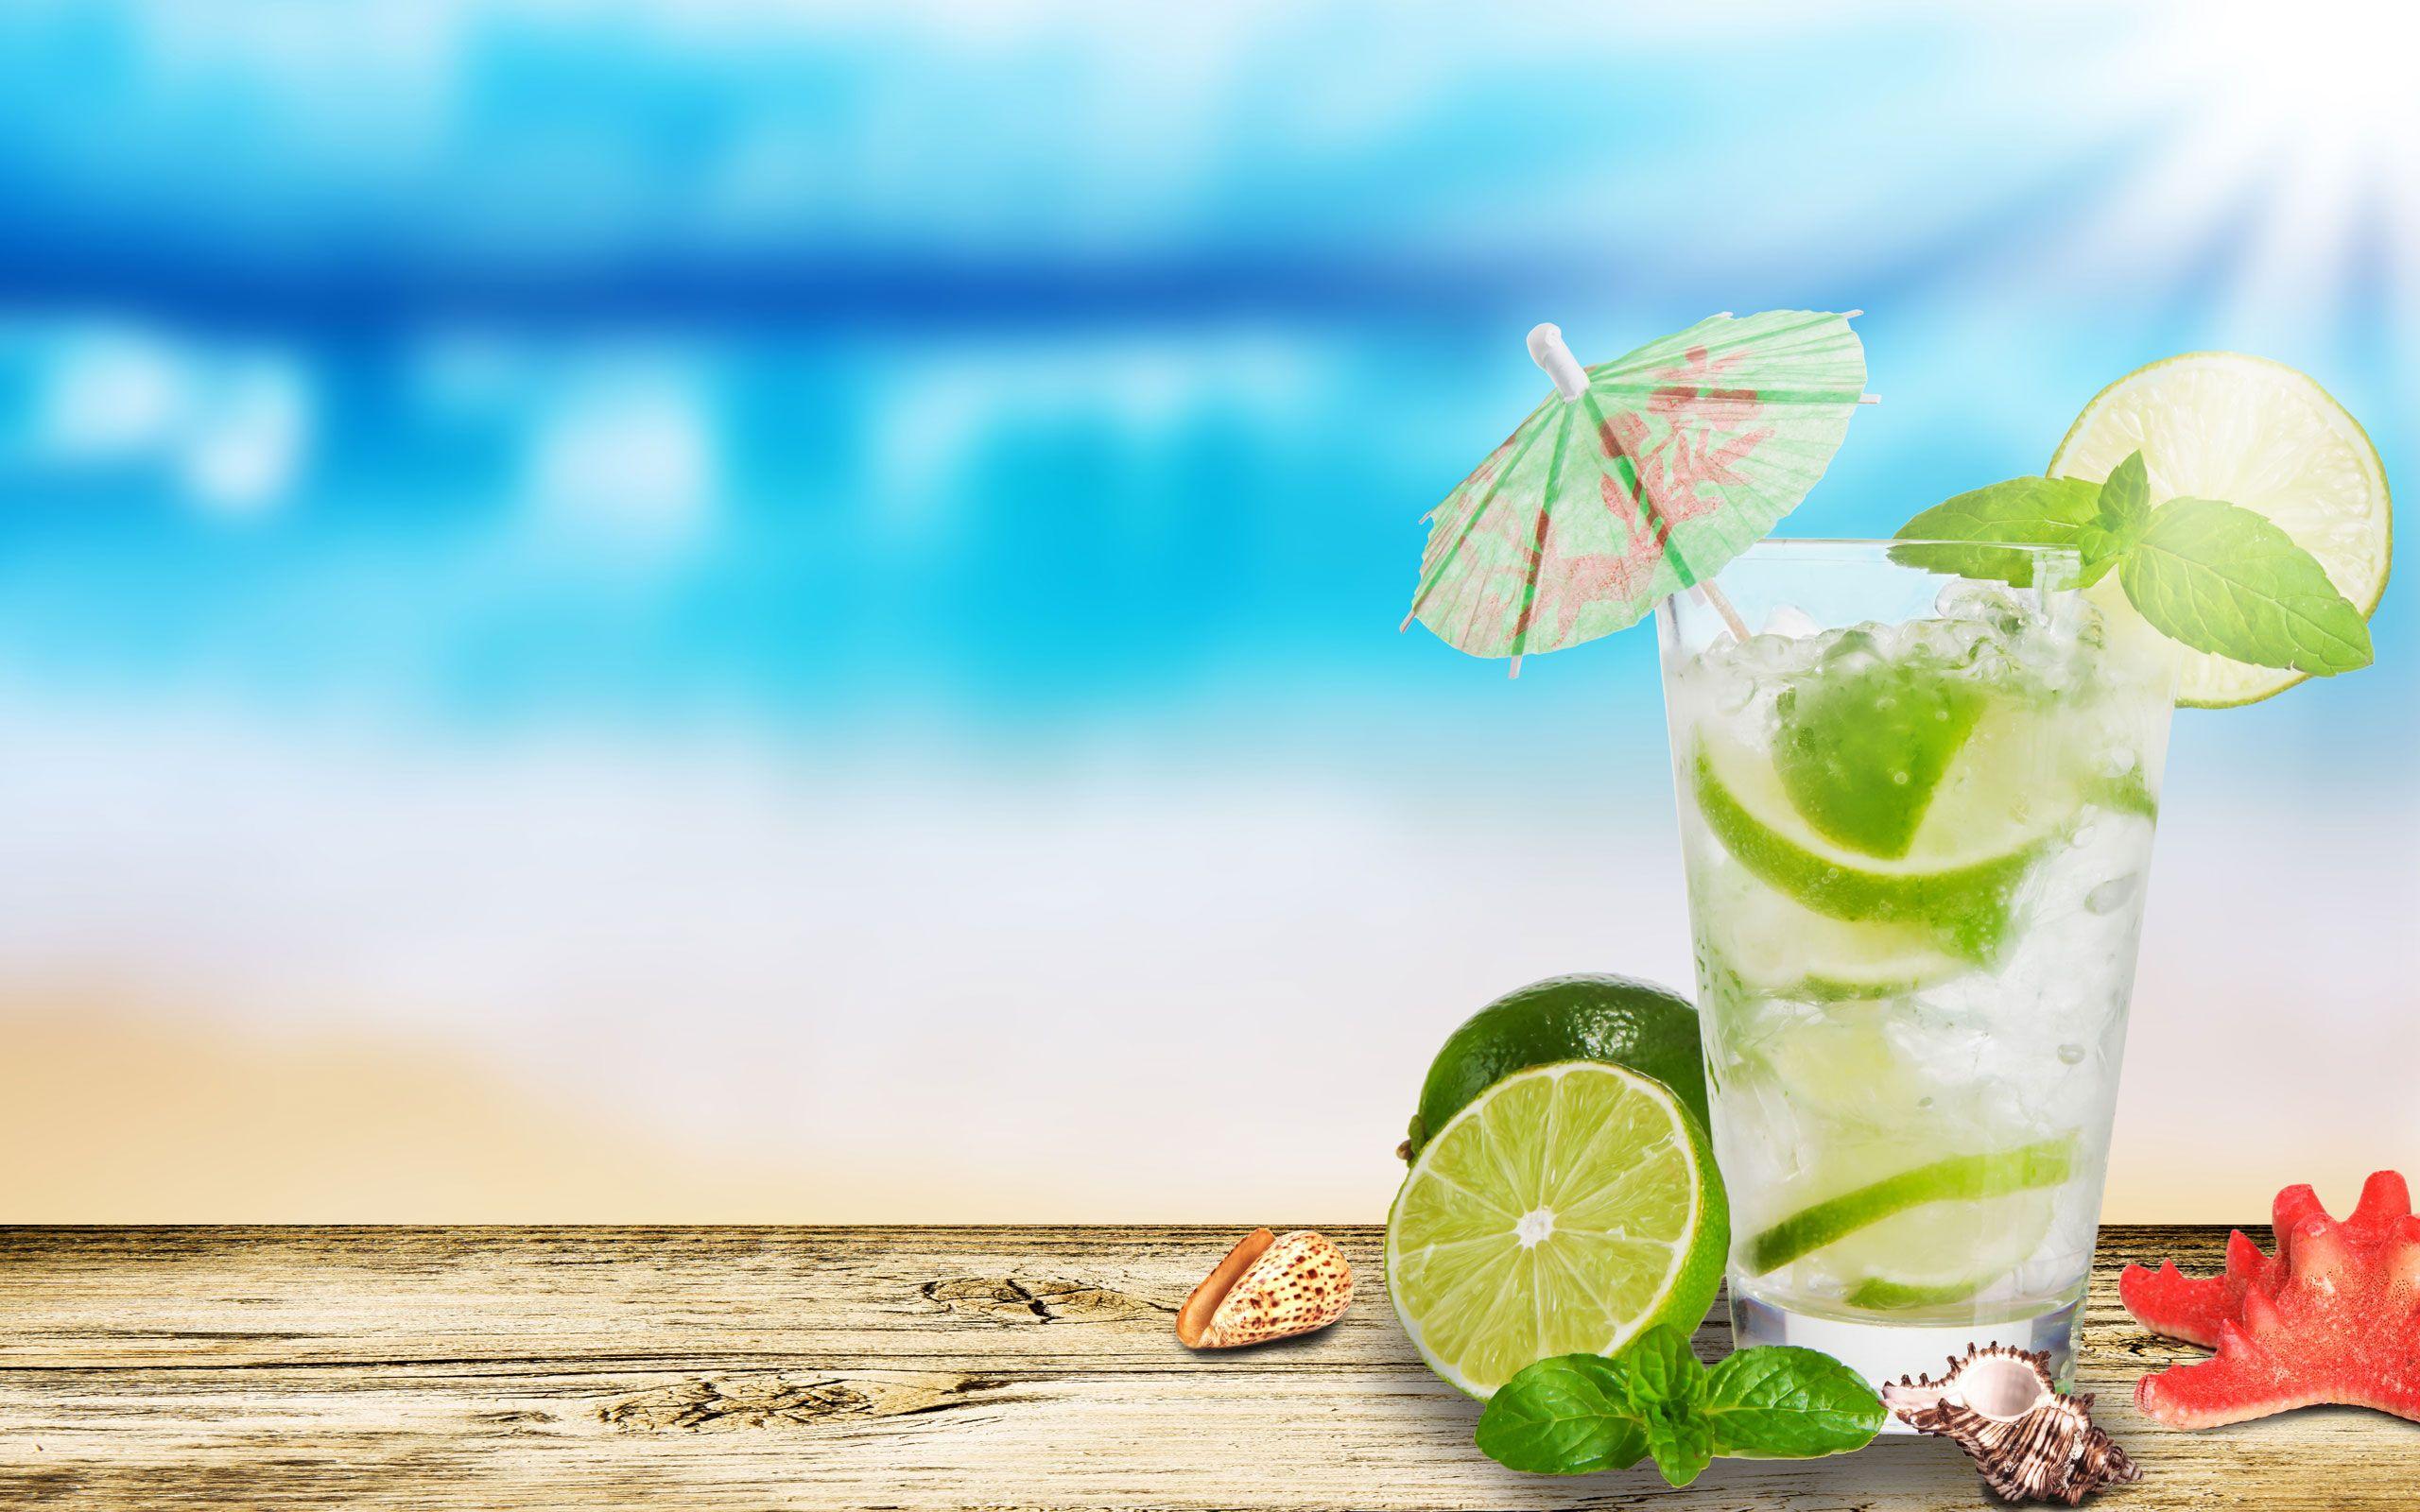 Caipirinha cocktail wallpaper  Tropical Cocktail Images : Find best latest Tropical Cocktail Images ...